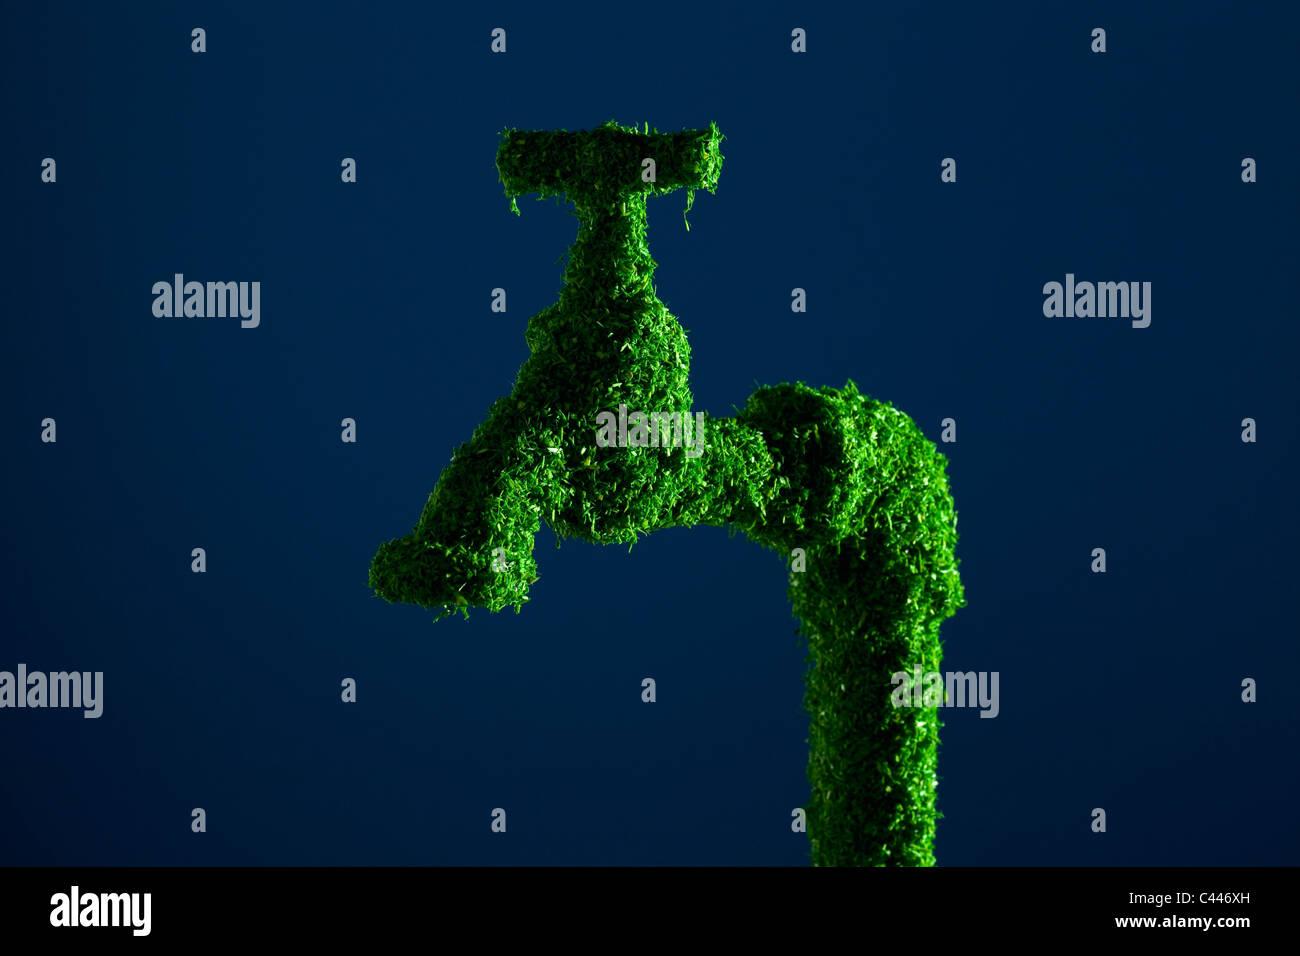 Grifo de agua energía verde cubierto de hierba Imagen De Stock